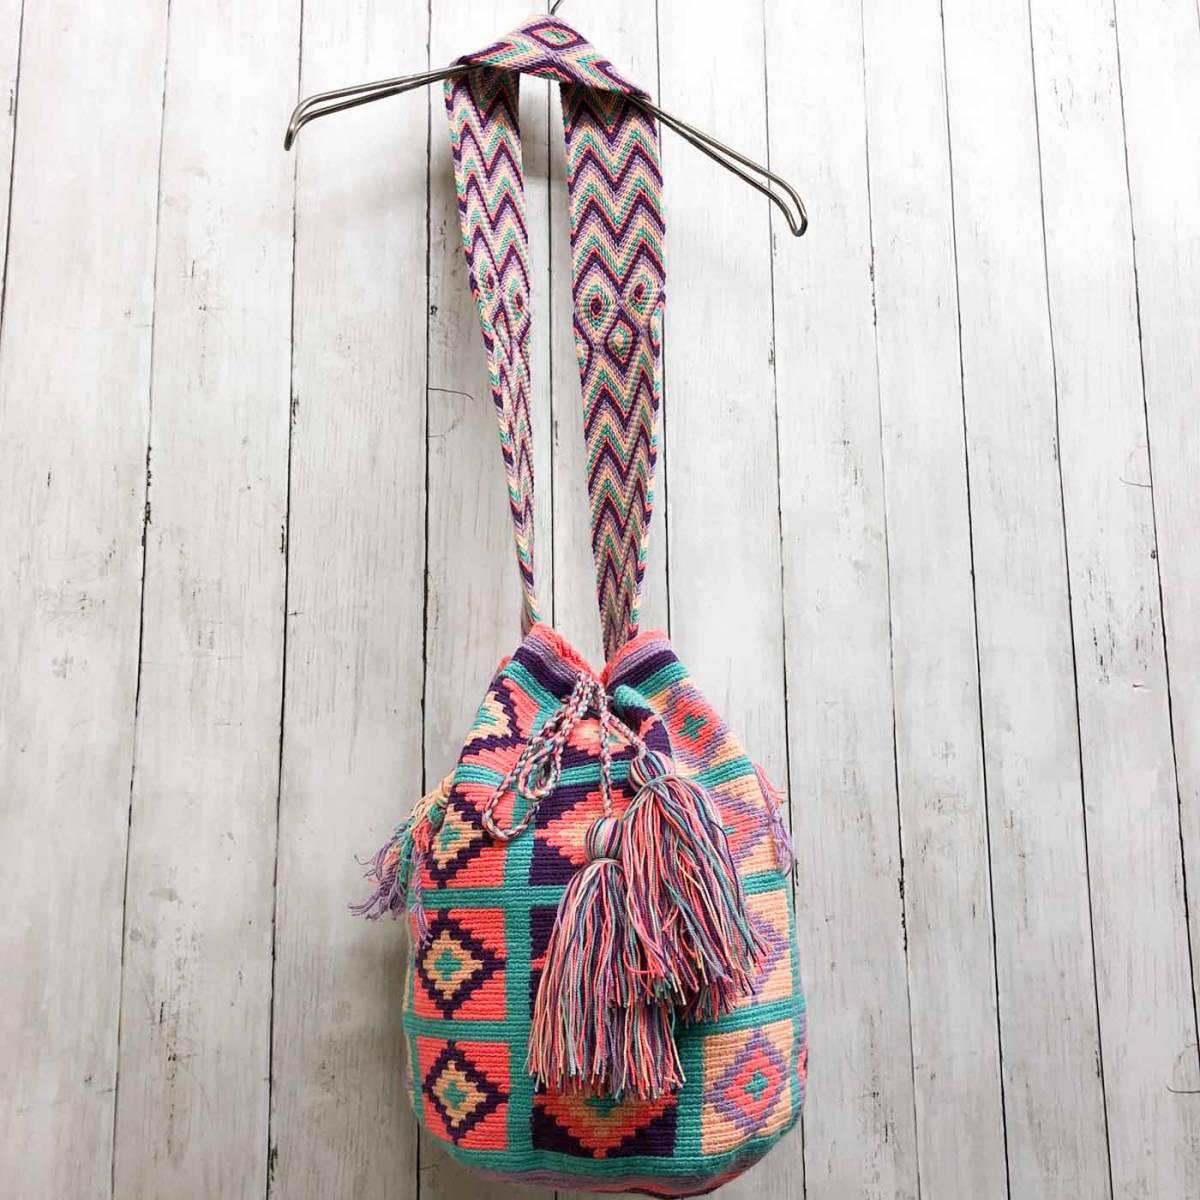 ワユーバッグ wayuu bag マザーズバッグ ショルダーバッグ レディース かごバッグ きれいめ ハンドメイド 手織り 南米 コロンビア 3_画像1